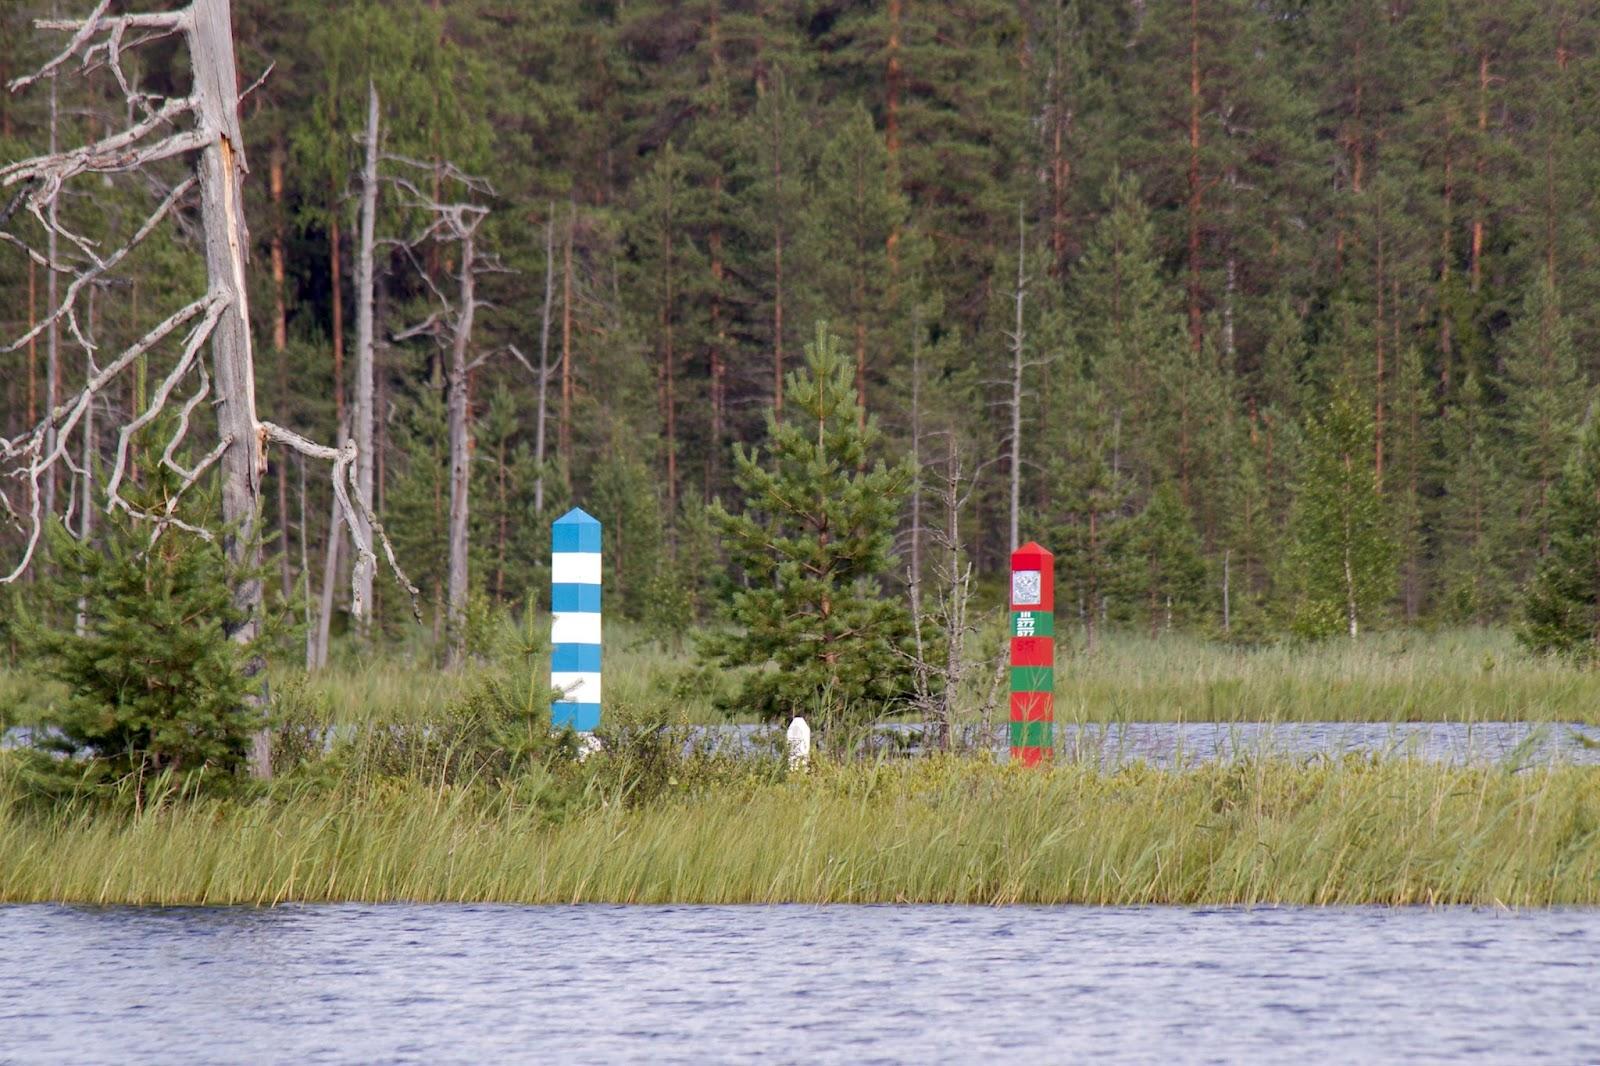 Suomen itäisin piste, Hattuvaara, Ilomantsi